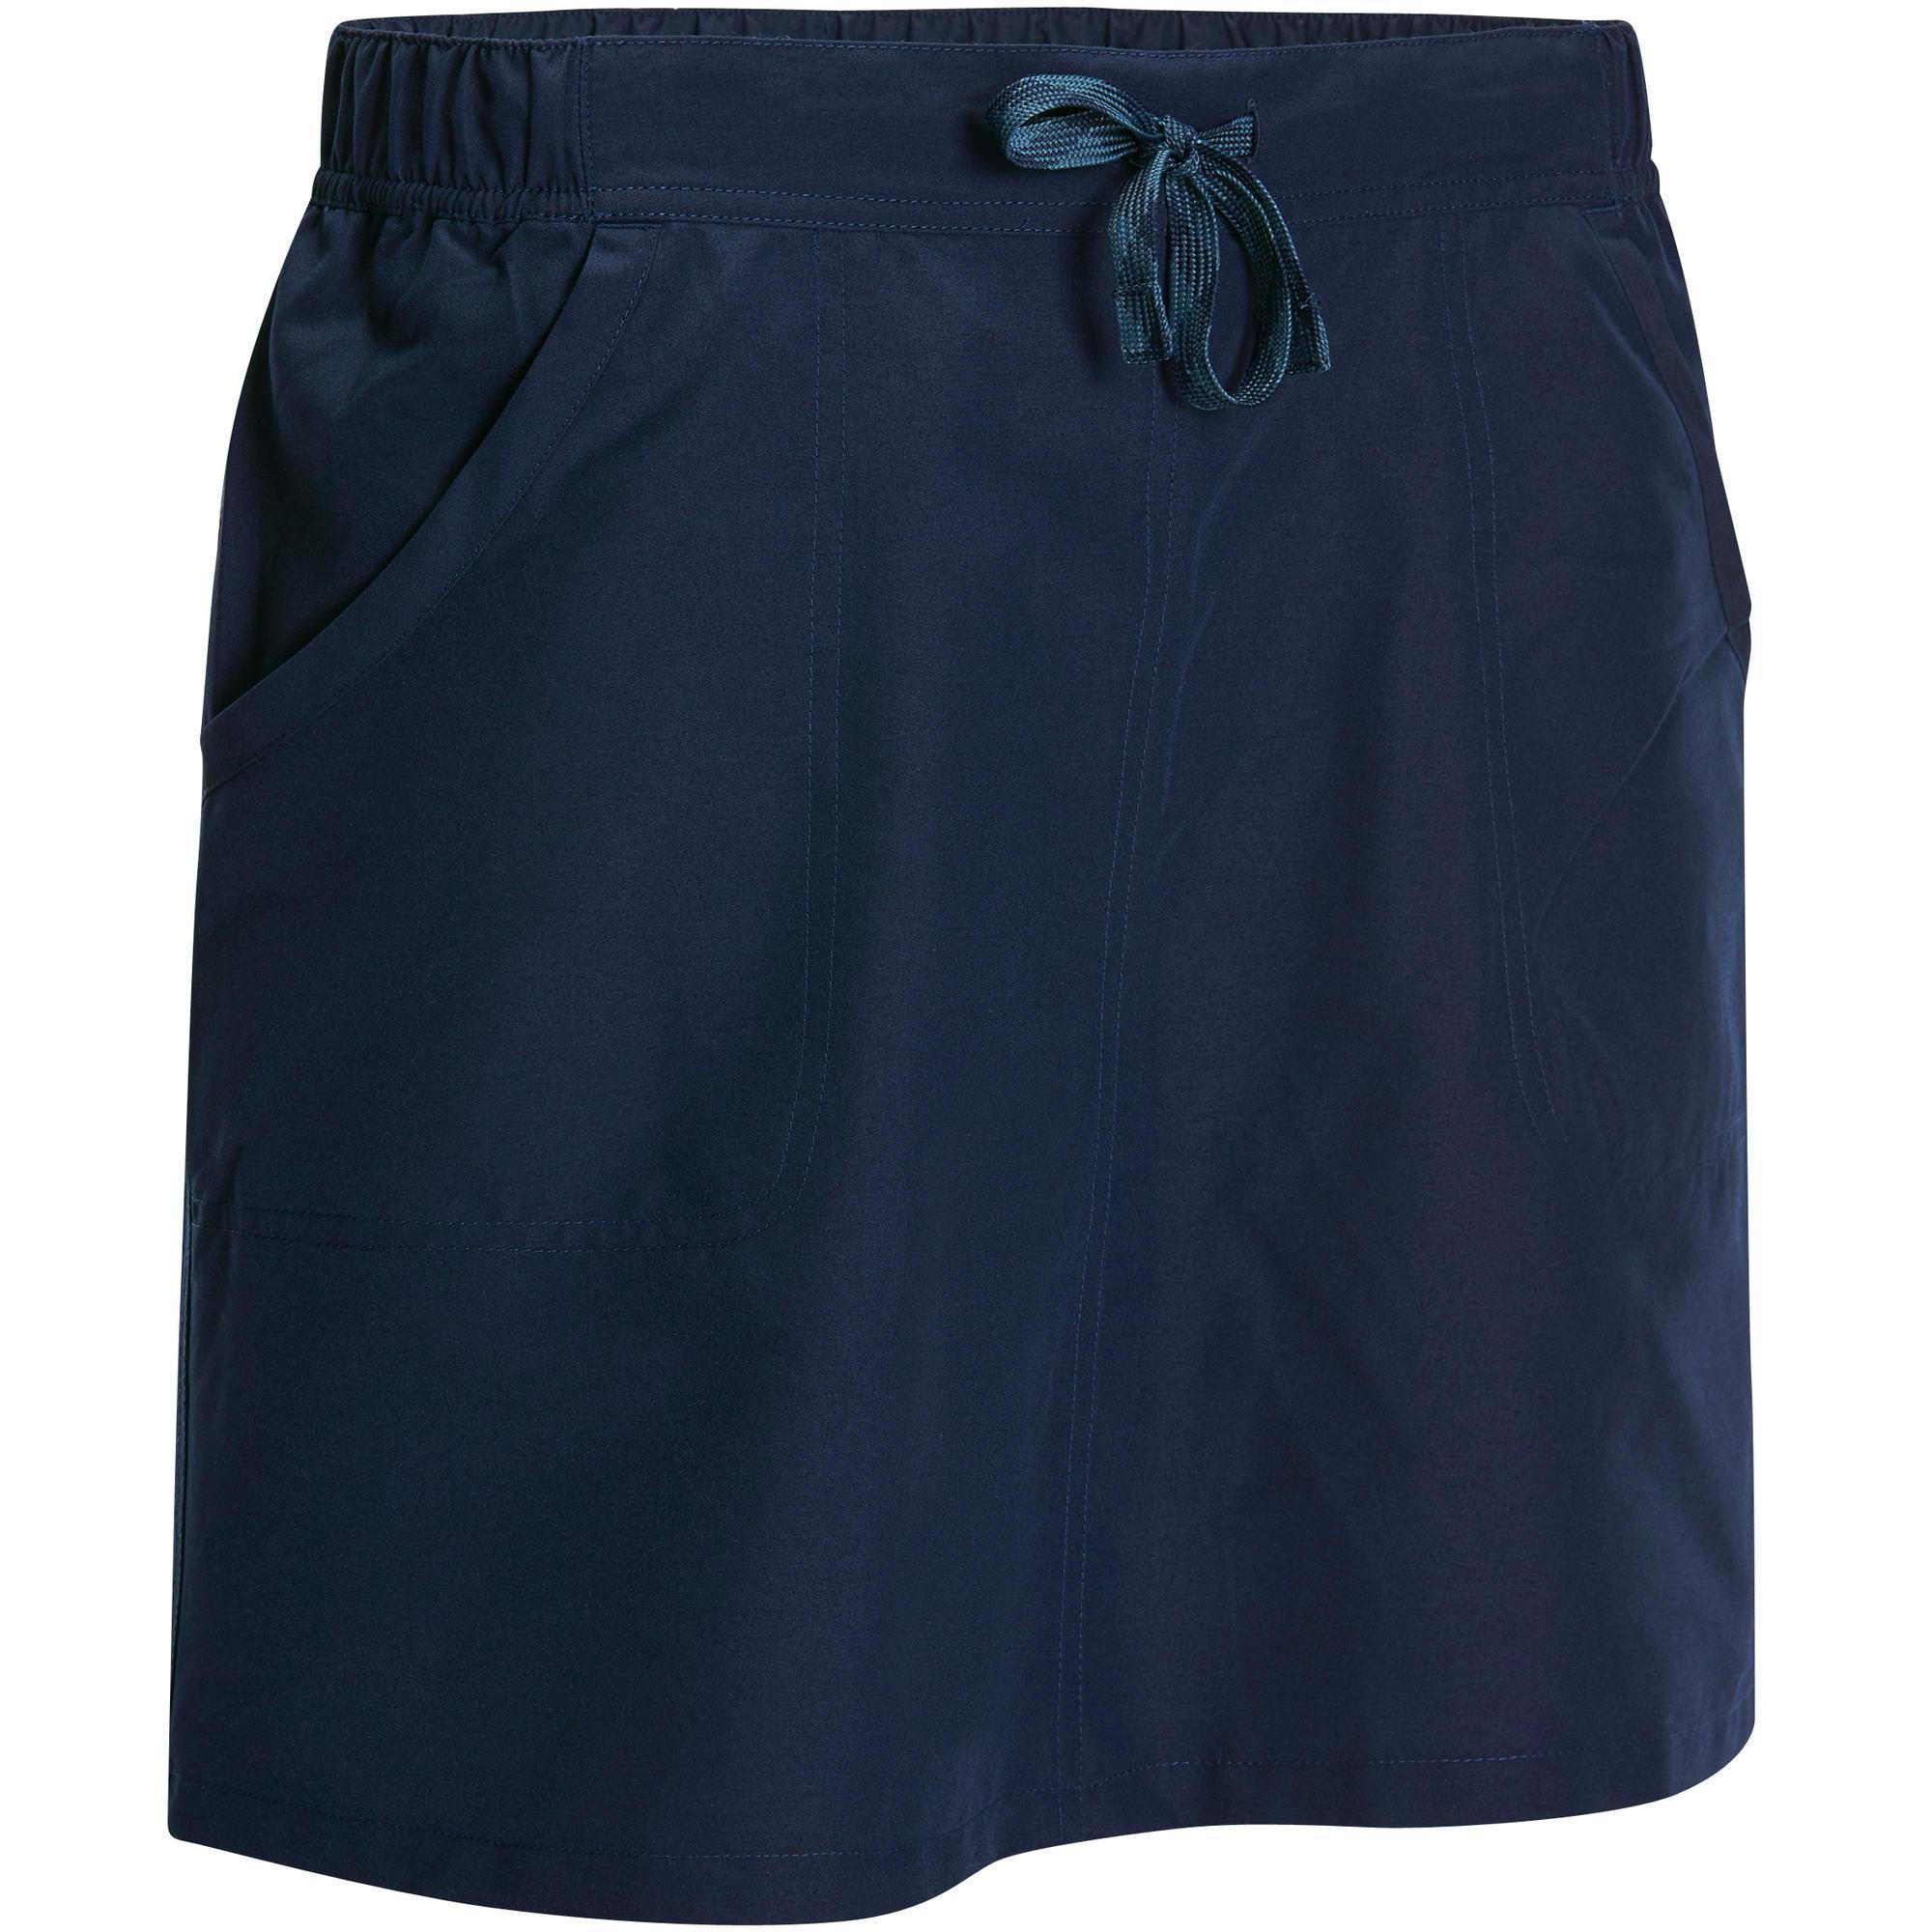 0933380e8 Comprar Faldas de Mujer Deportivas online | Decathlon